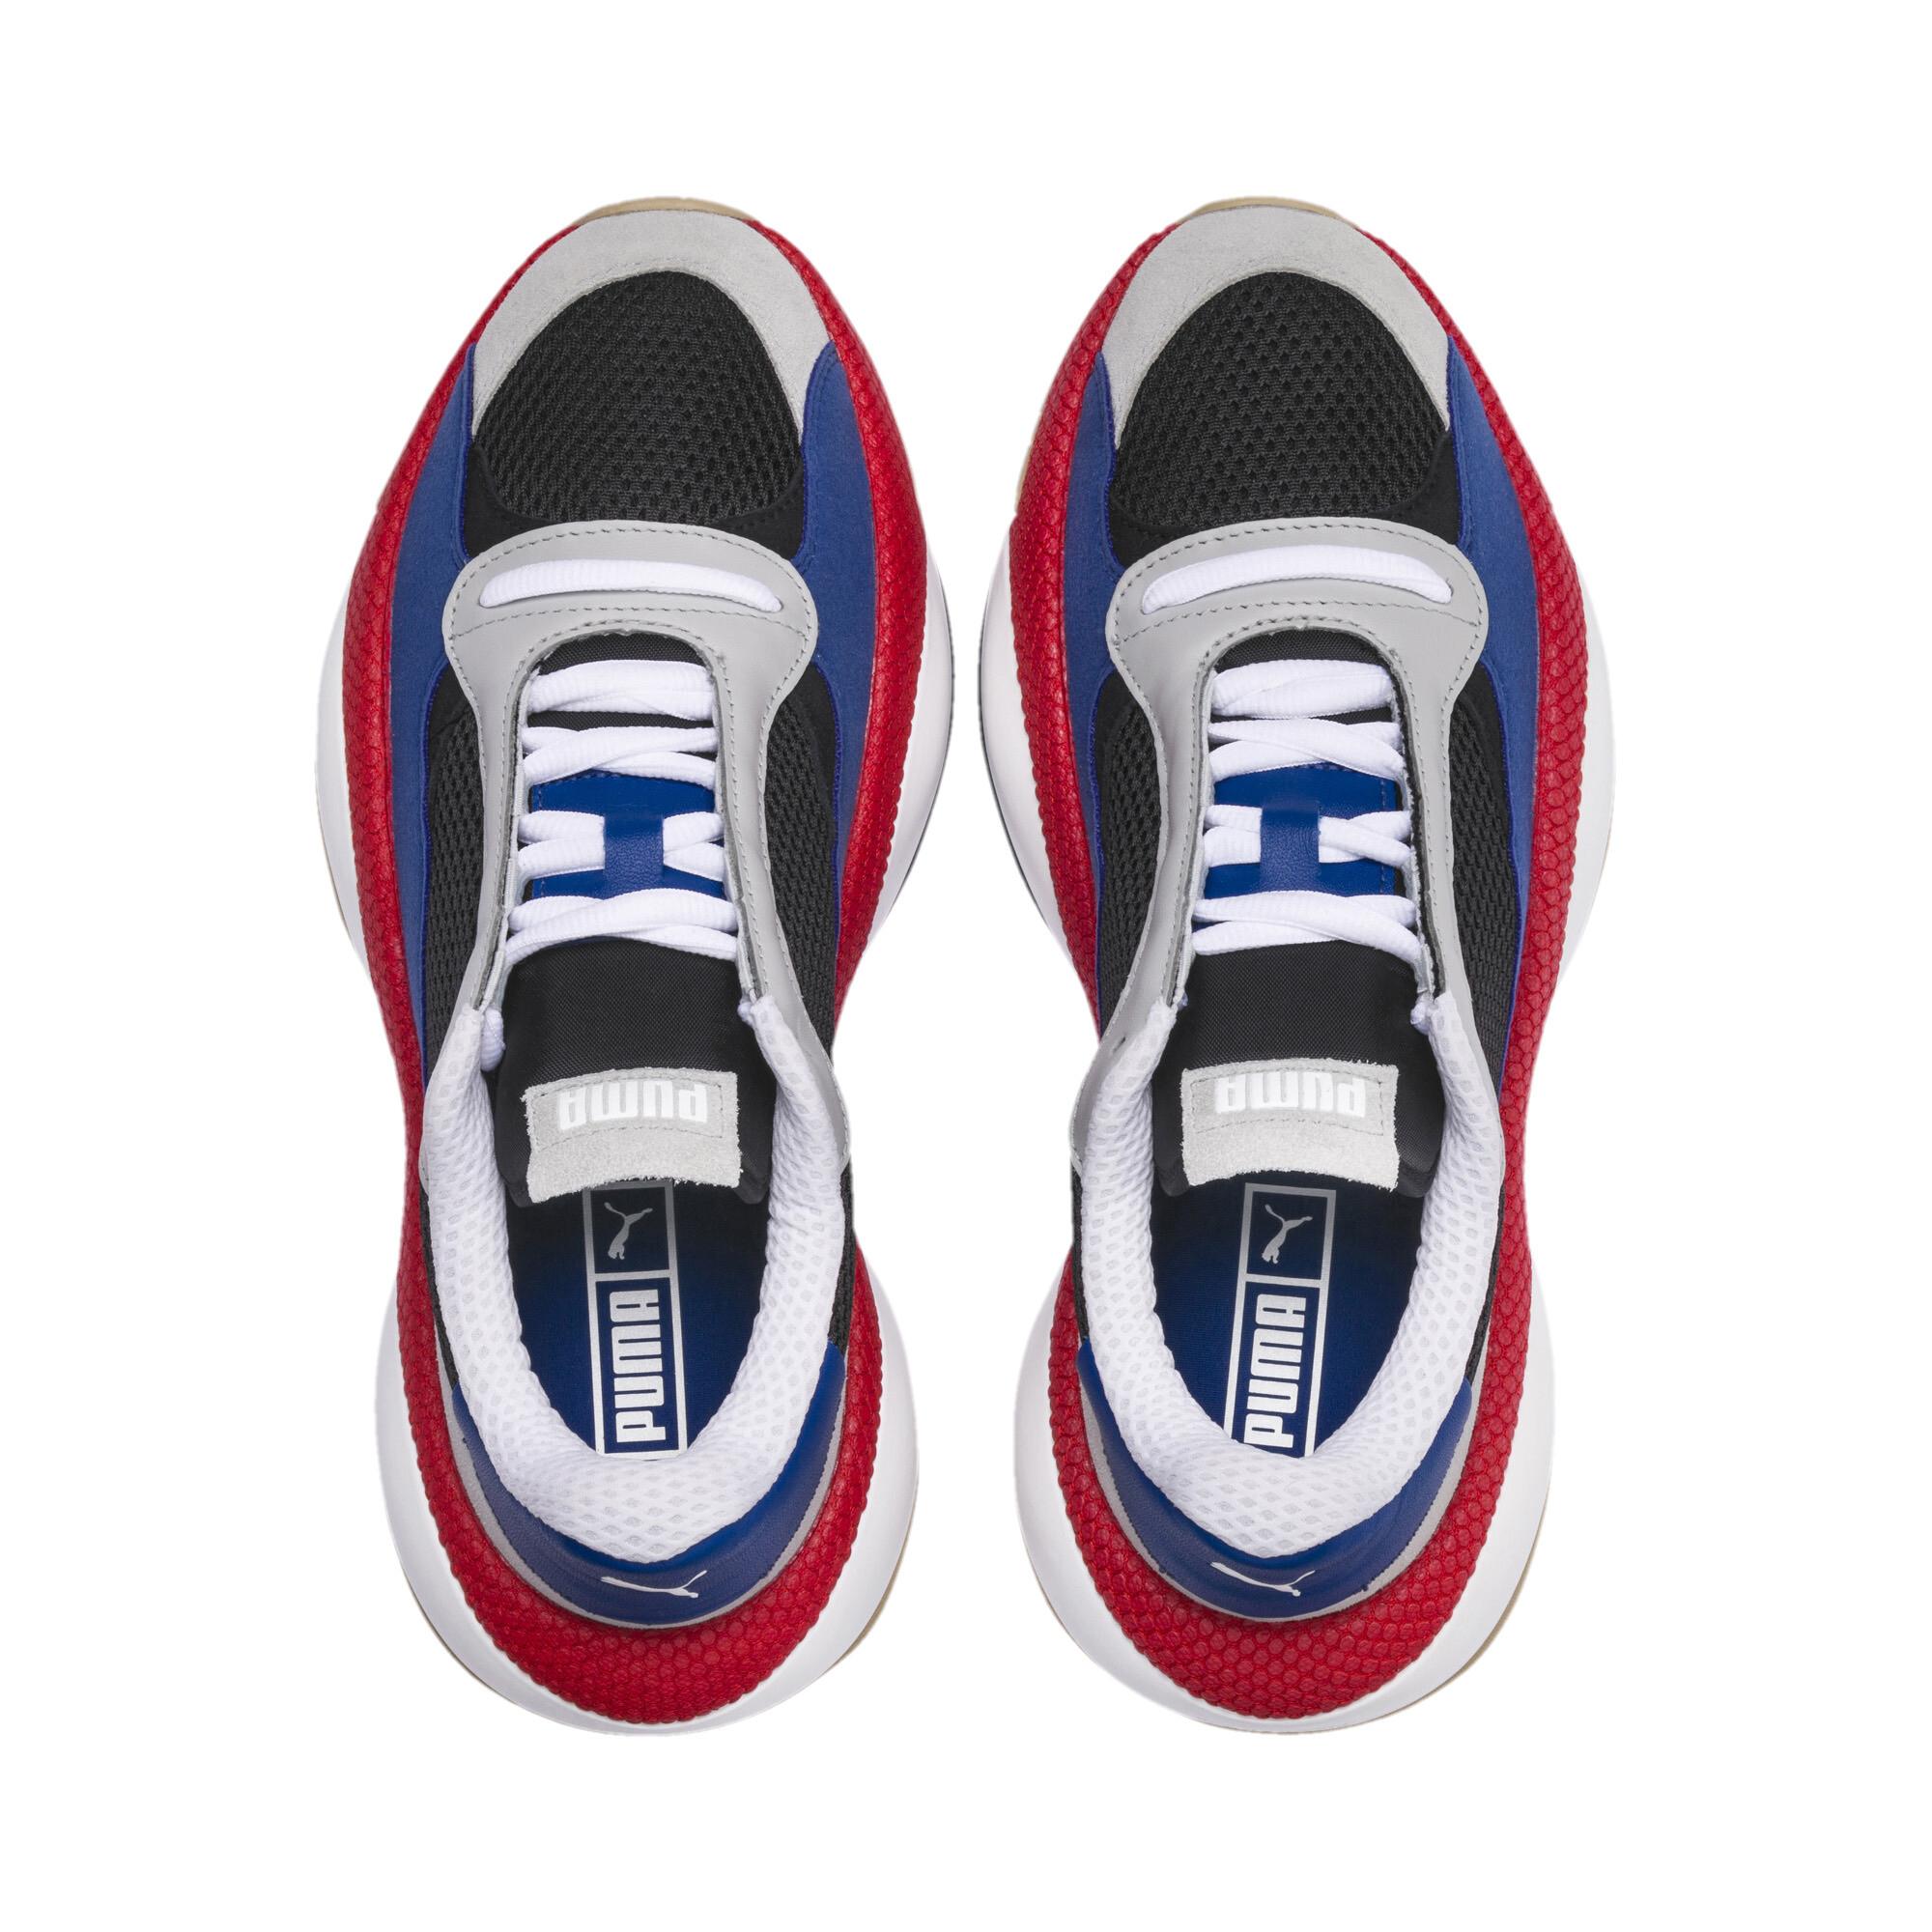 PUMA-Alteration-Kurve-Sneakers-Unisex-Shoe thumbnail 7